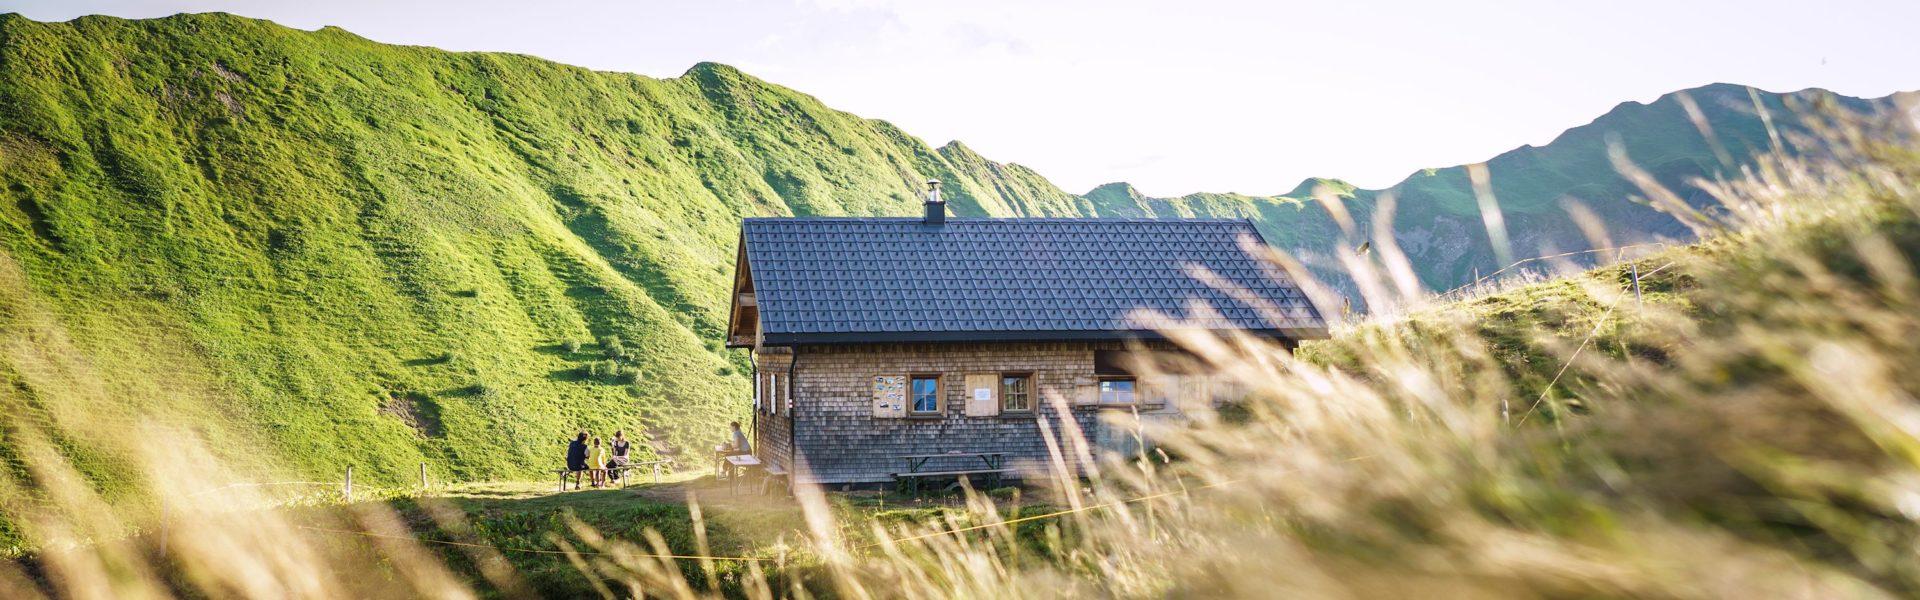 Bärguntalpe, Kleinwalsertal (c) Dietmar Denger / Vorarlberg Tourismus